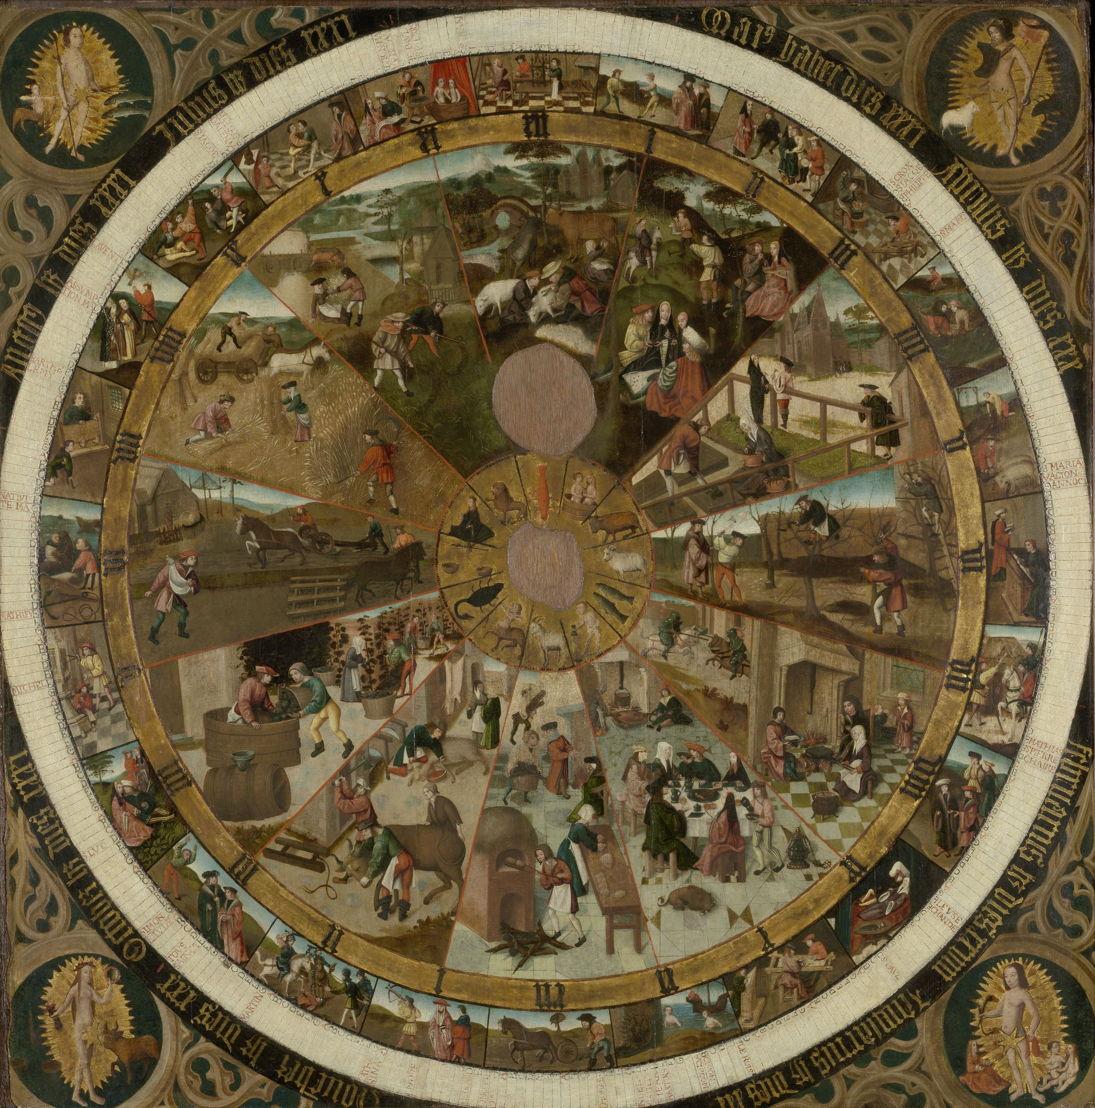 Cadran horaire et calendrier, Pays-Bas Méridionaux, c. 1500 © Lukas - Art in Flanders, foto Dominique Provost